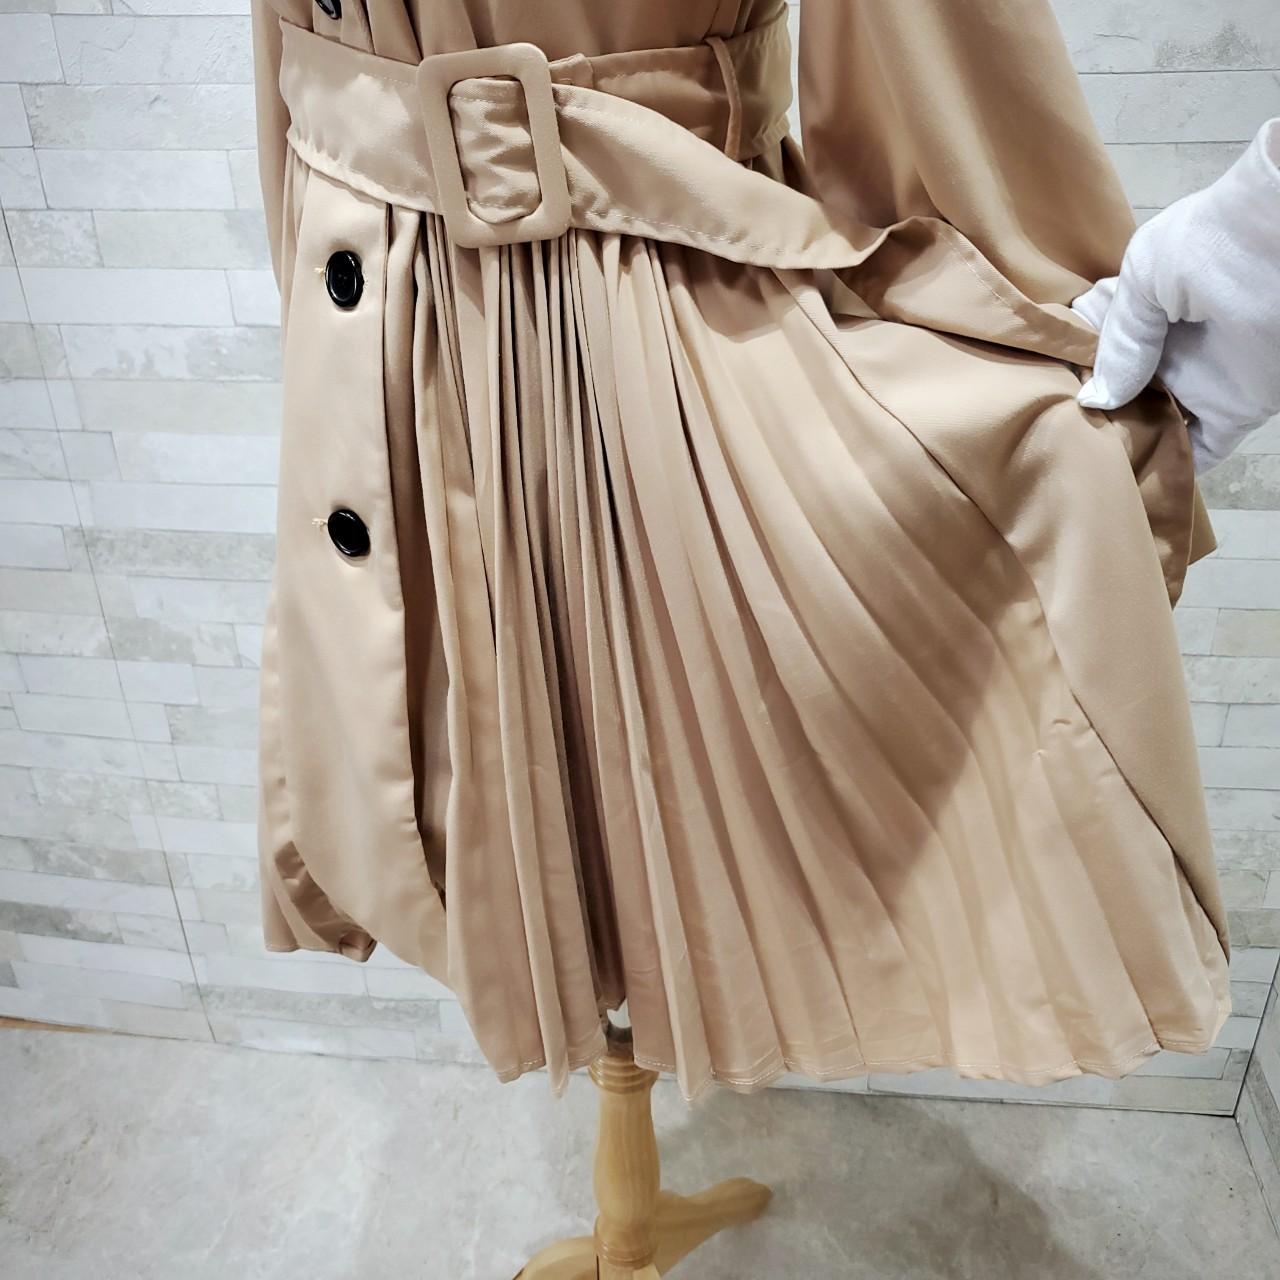 韓国 ファッション ワンピース 春 夏 秋 カジュアル PTXI130  プリーツ Aライン パフスリーブ ロングカフス オルチャン シンプル 定番 セレカジの写真14枚目